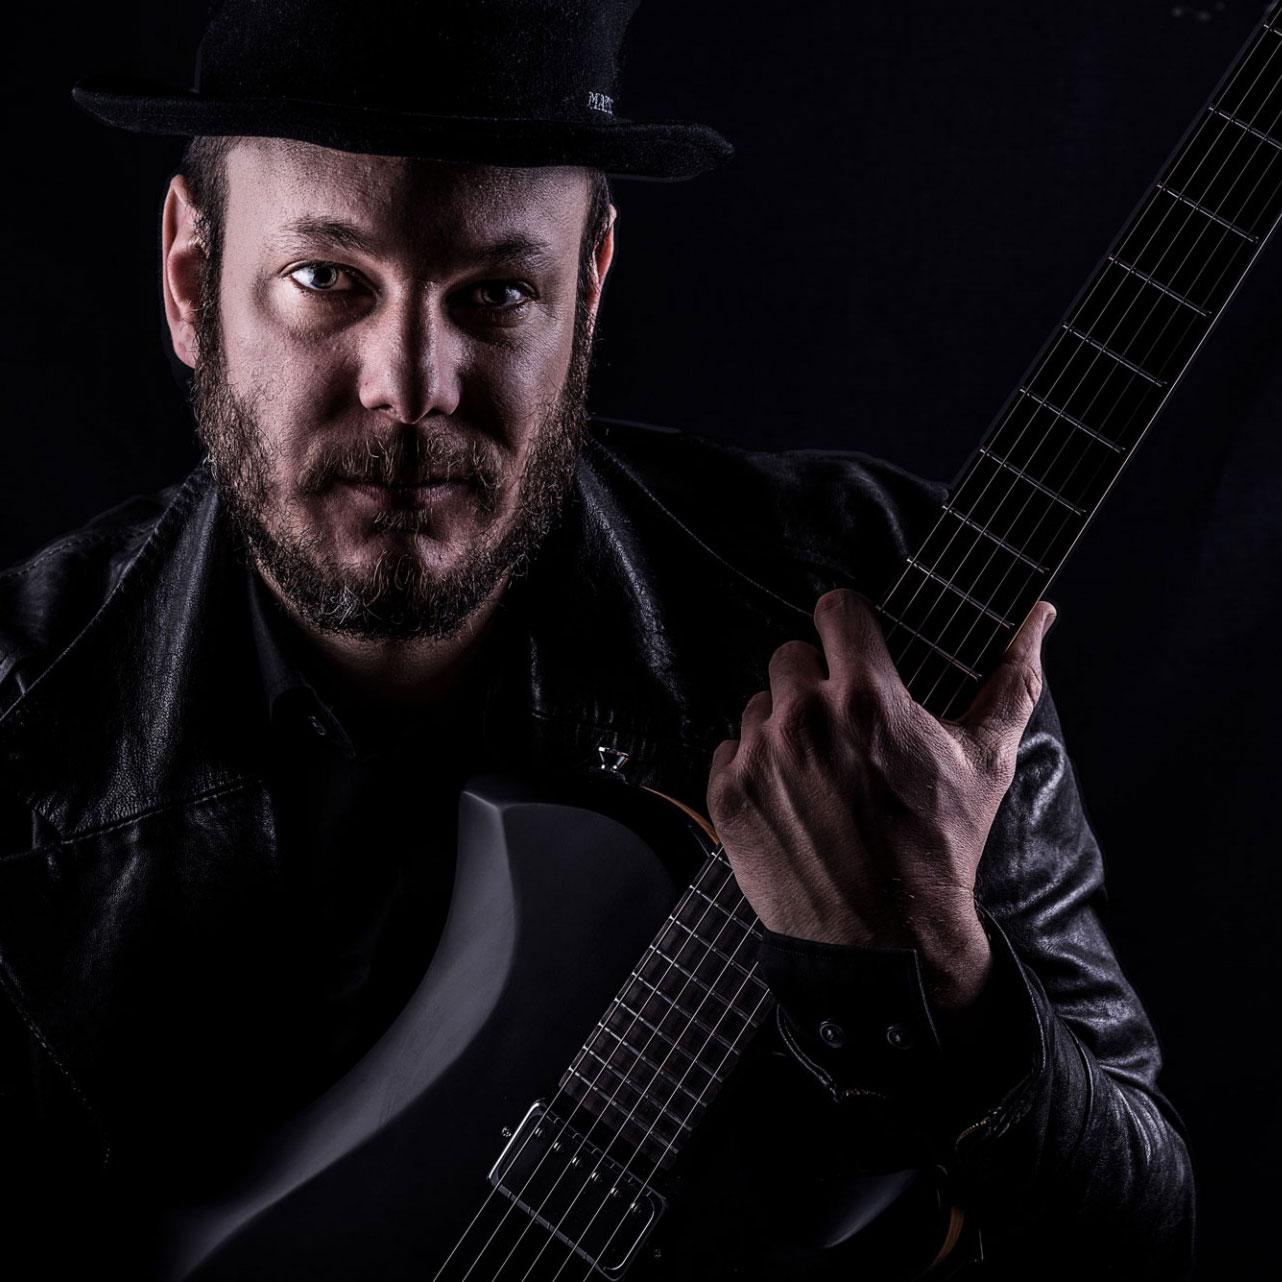 reliash guitars JOE BUCHELI 77 BOMBAY STREET レリッシュ・ギター